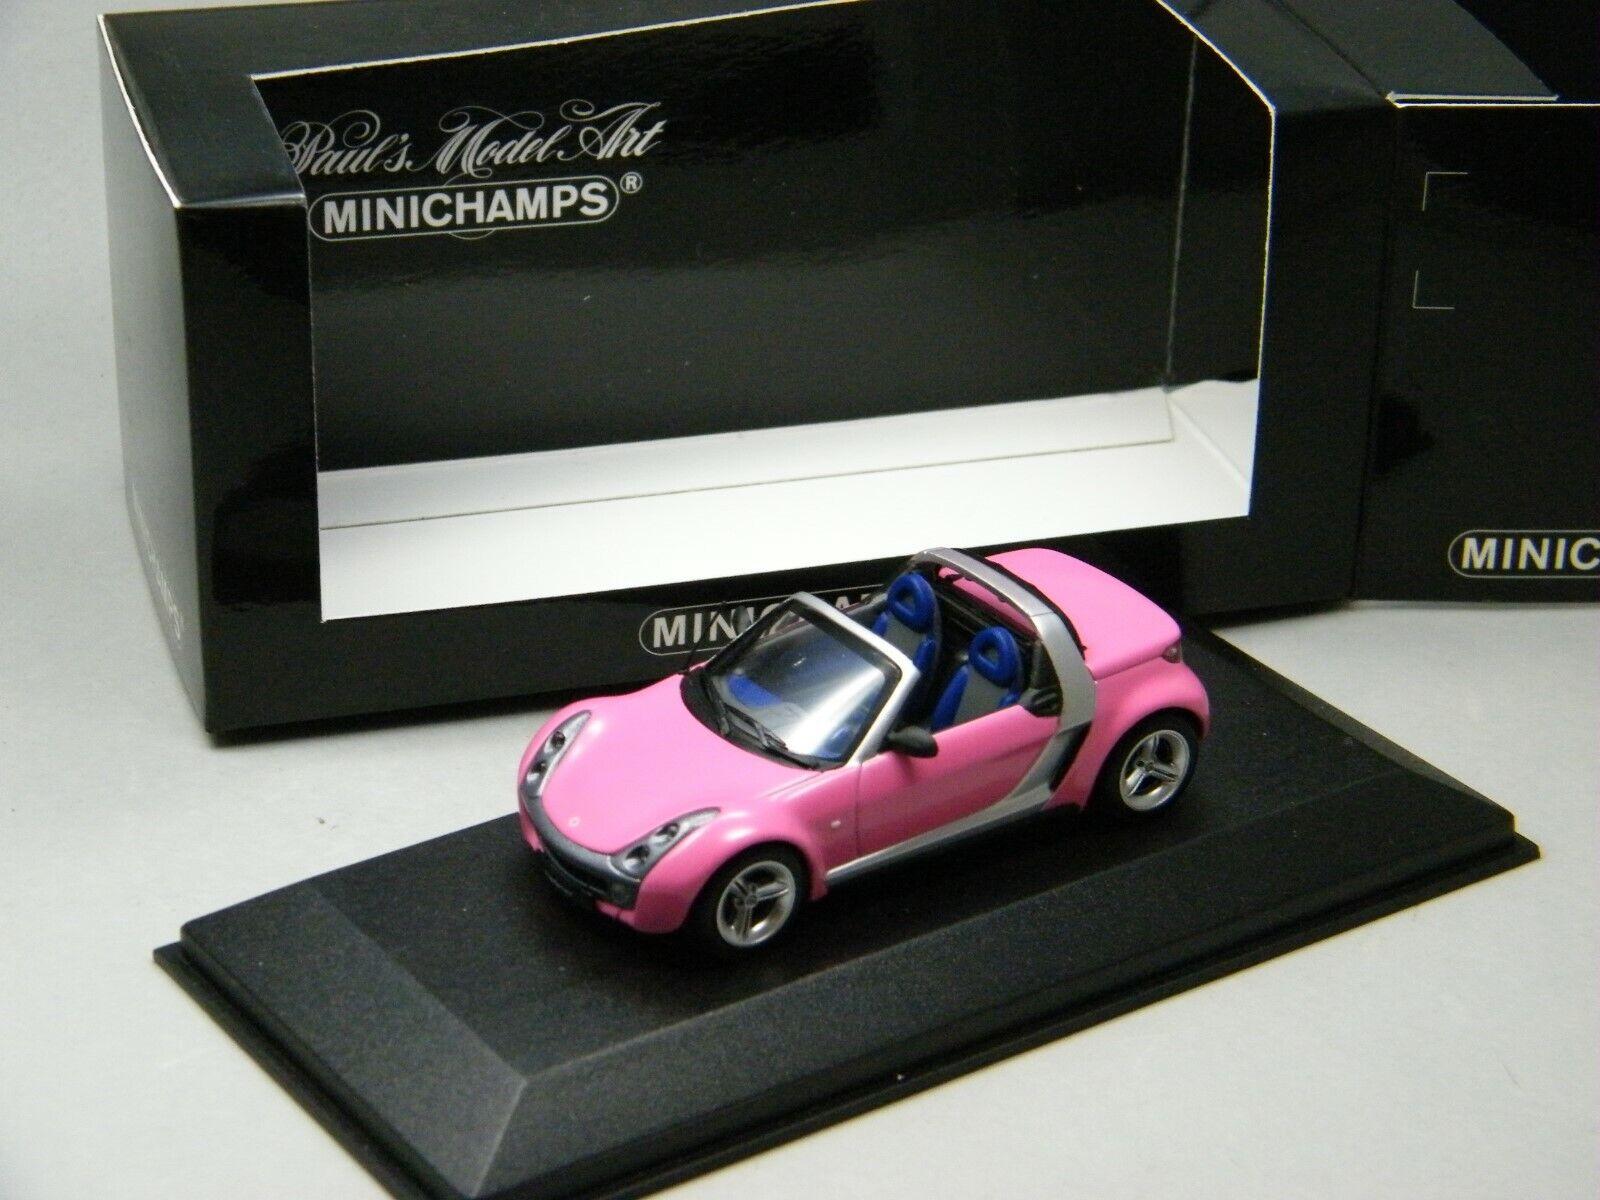 1 43 Minichamps Minichamps Minichamps smart roadster converdeible rosadodododo lectores elección vencedor auto muy rara vez     tienda de bajo costo